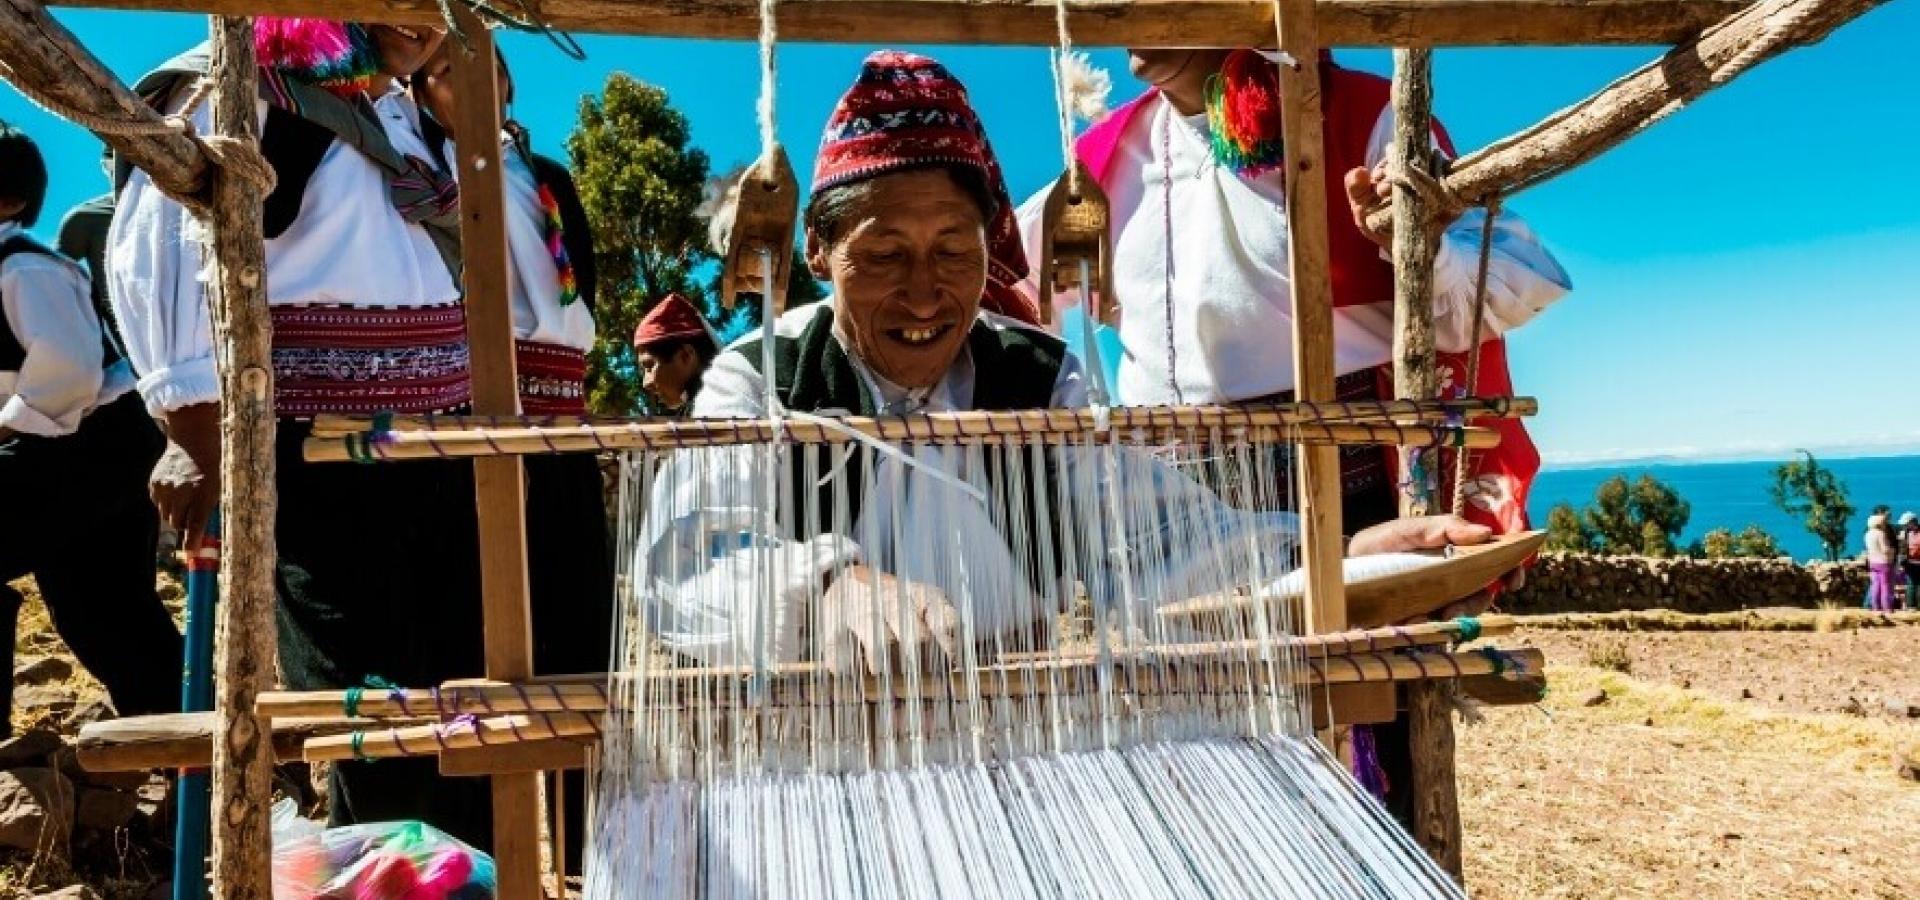 El arte milenario del tejido puneño en Taquile